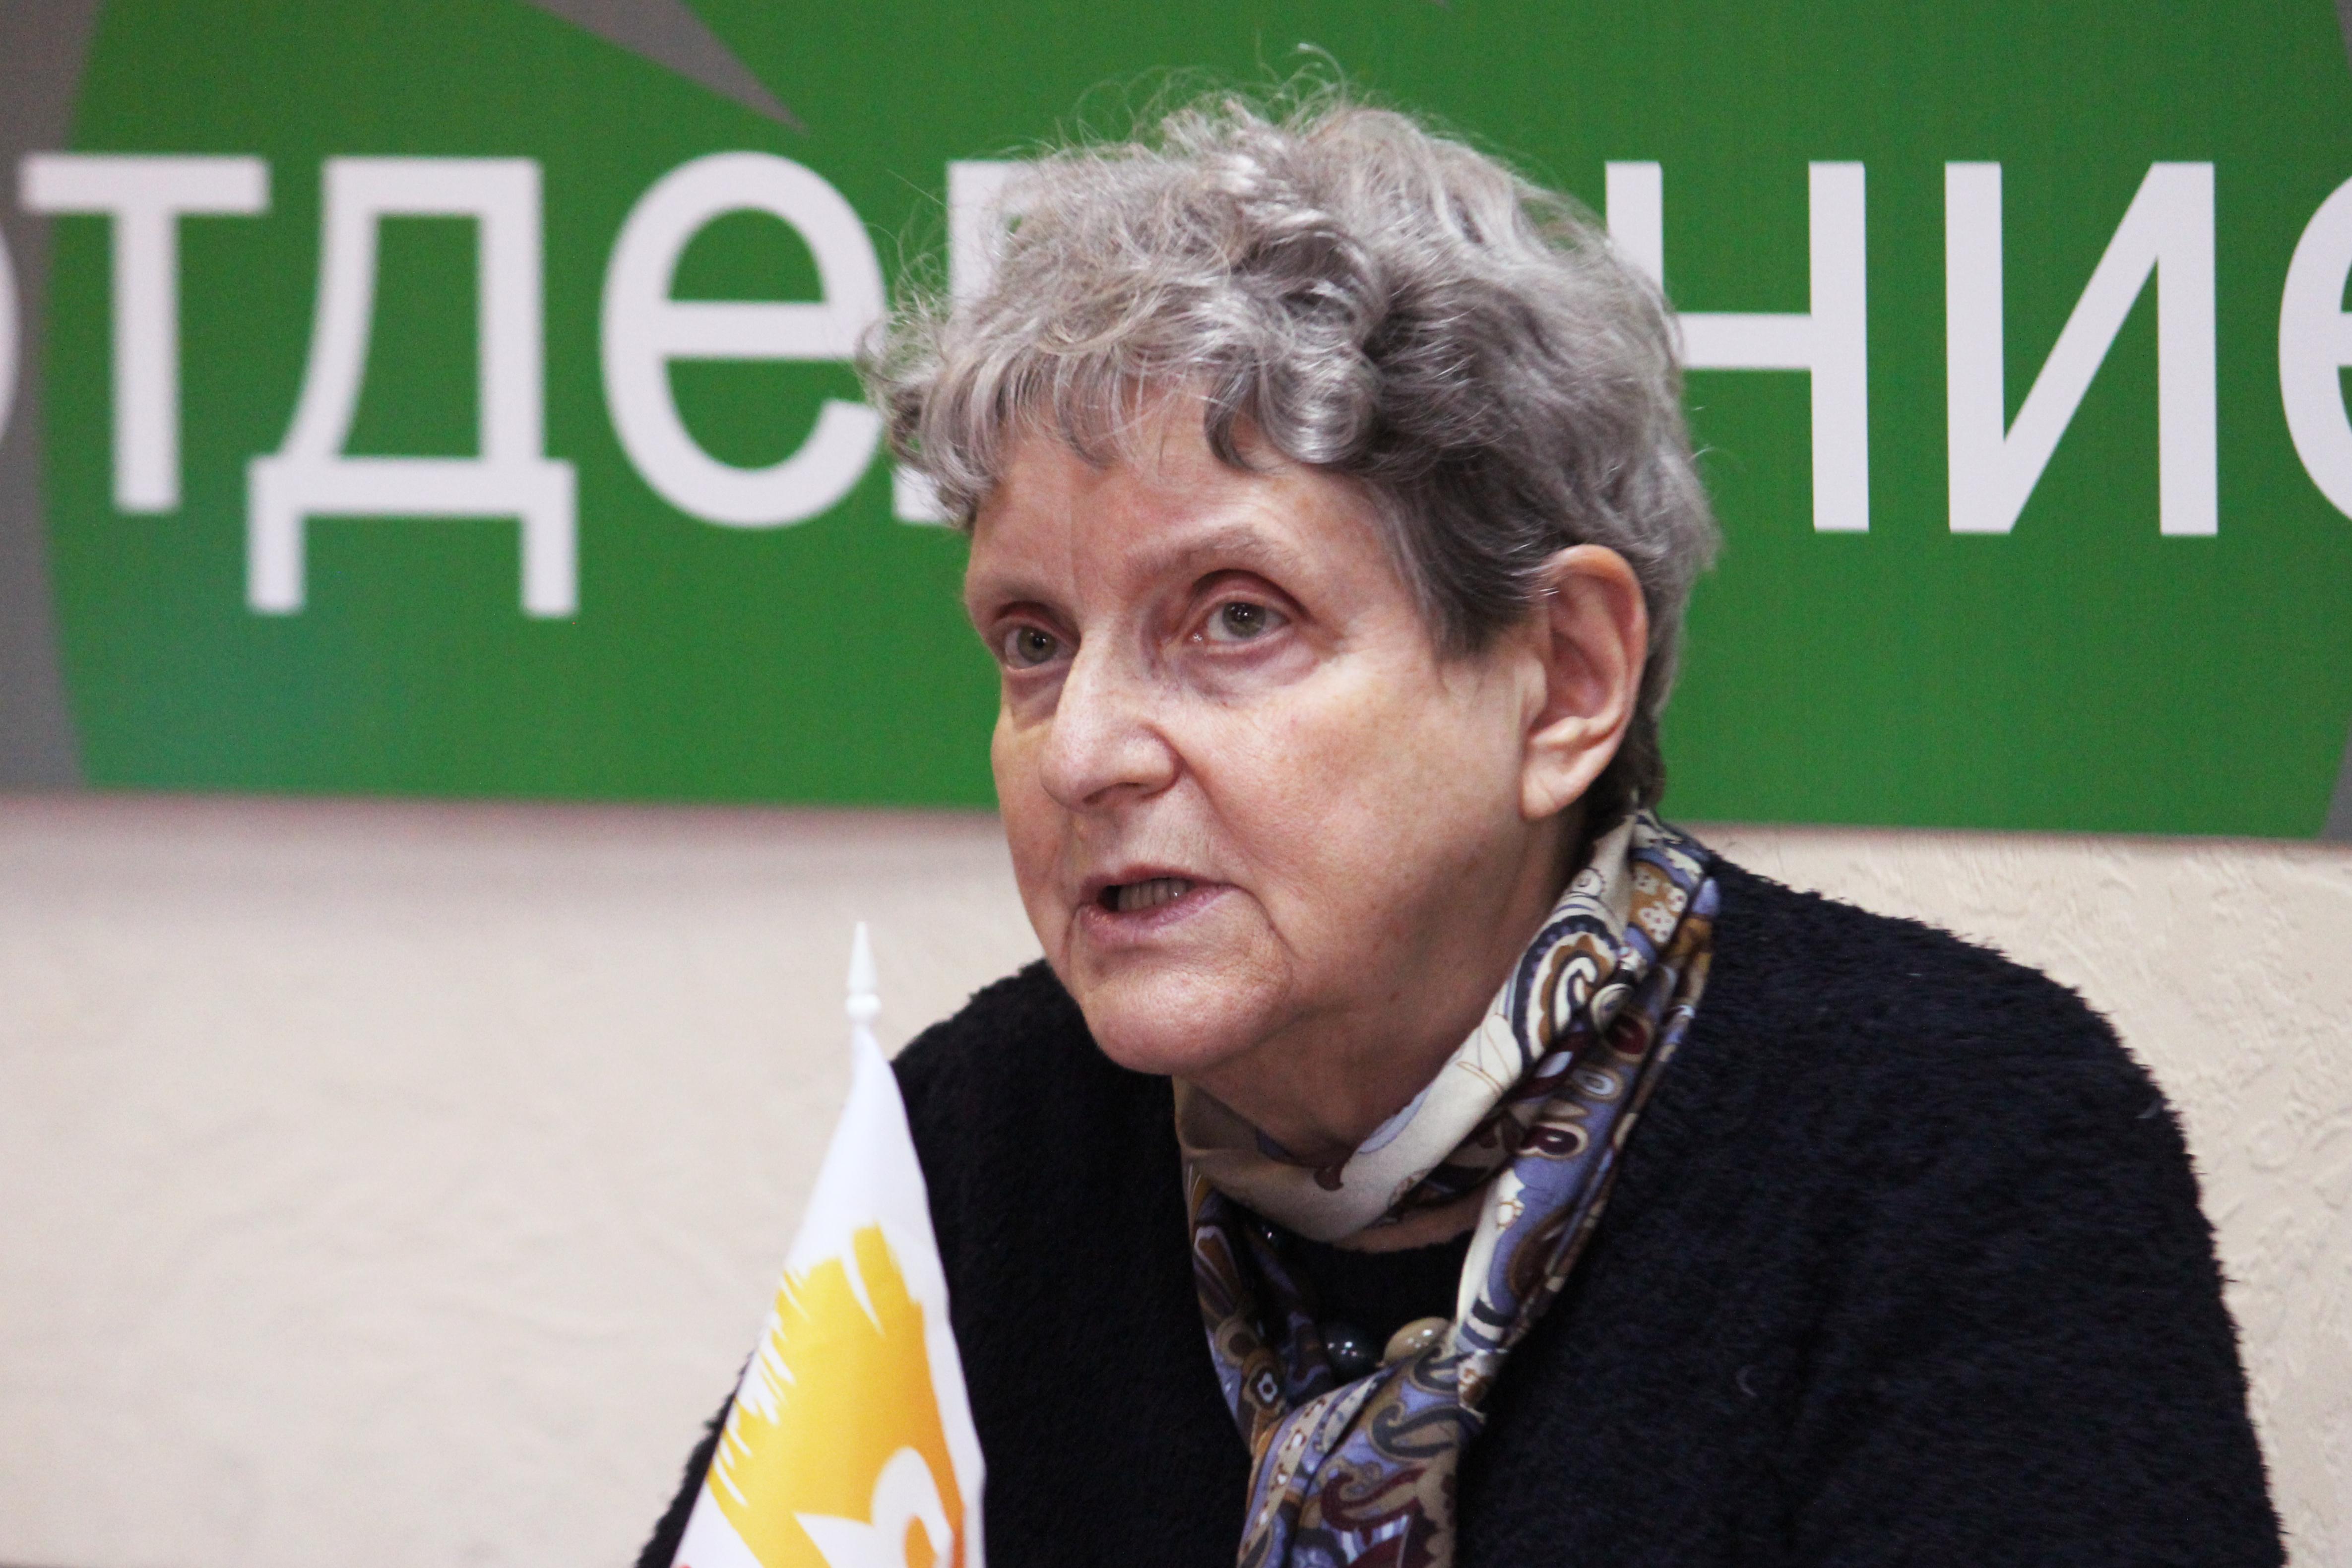 Светлана Ганнушкина: «Влияние в мире достигается культурой»